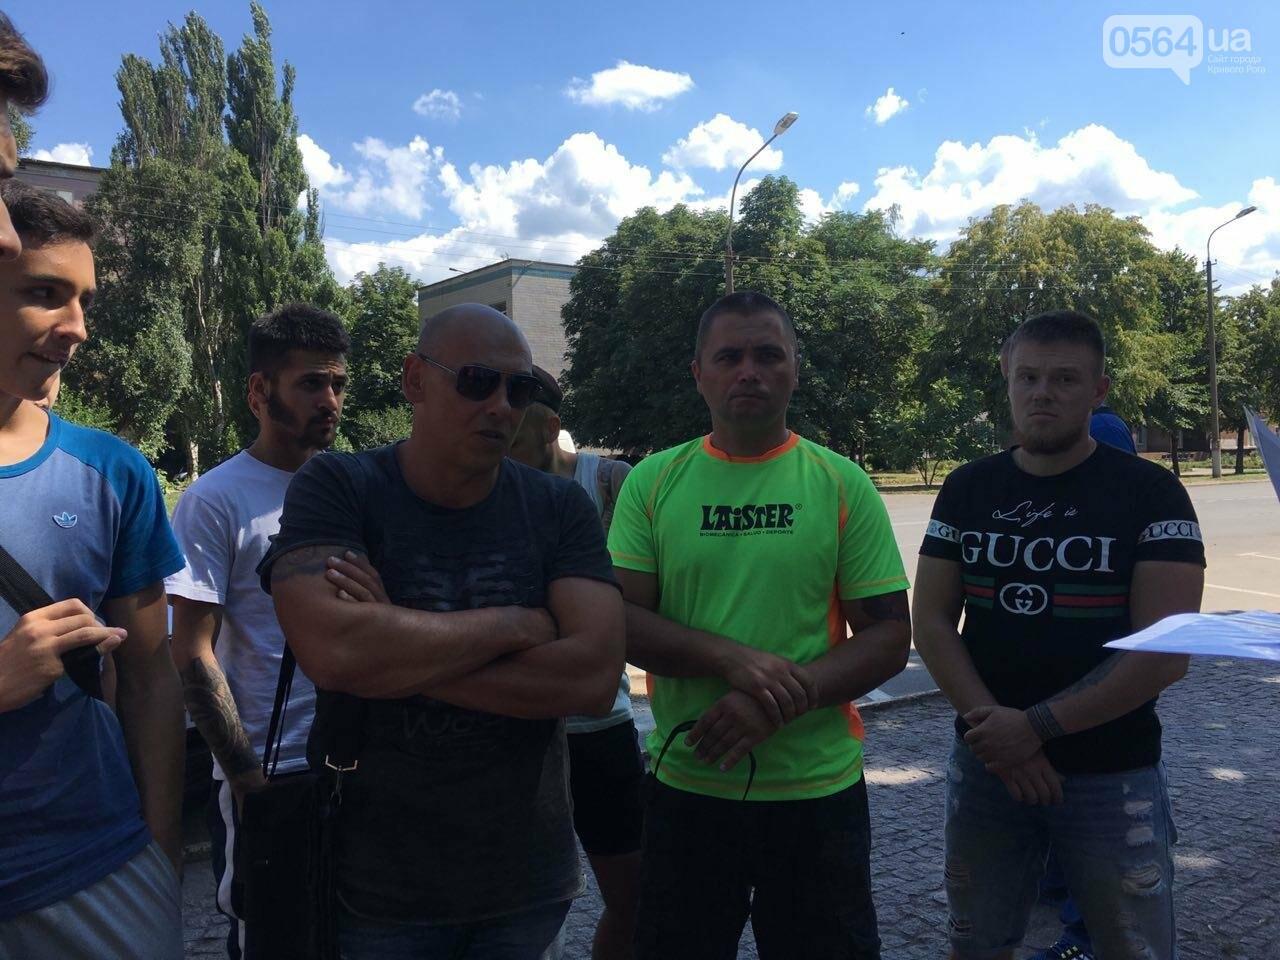 Криворожане передали в СБУ заявление с требованием проверить организации, которые возглавлял Островский, - ФОТО, фото-13